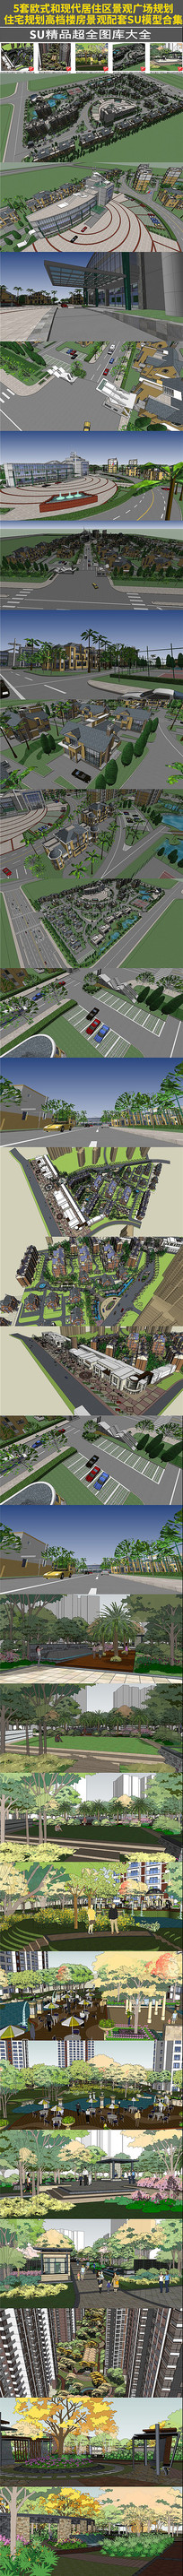 5套欧式和现代居住区景观广场高档楼房合集 skp